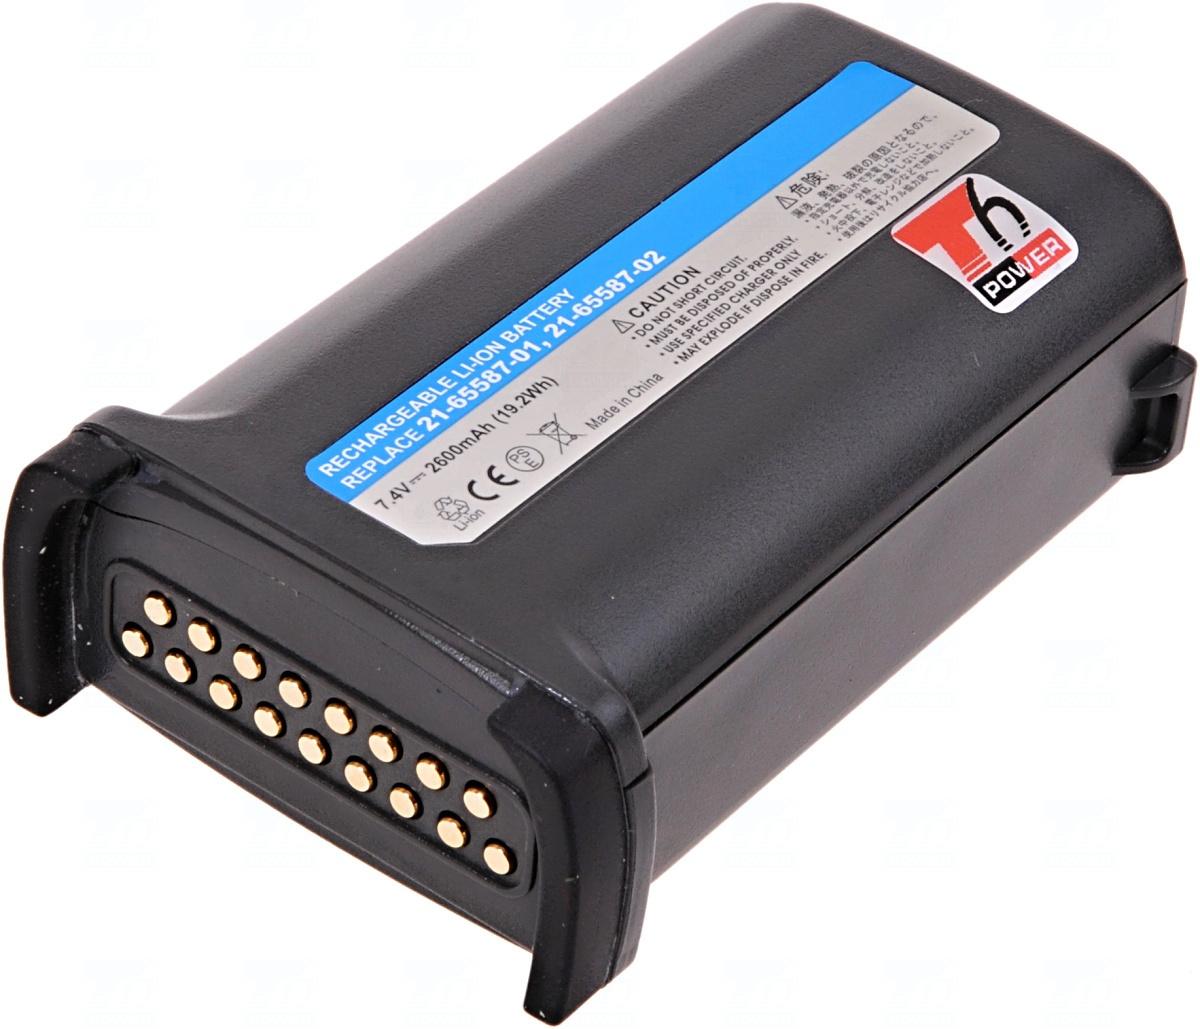 Baterie T6 power 21-65587-01, 21-65587-02, 21-65587-08, 21-61261-01, KT-21-61261-01, HBM-SYM9000L